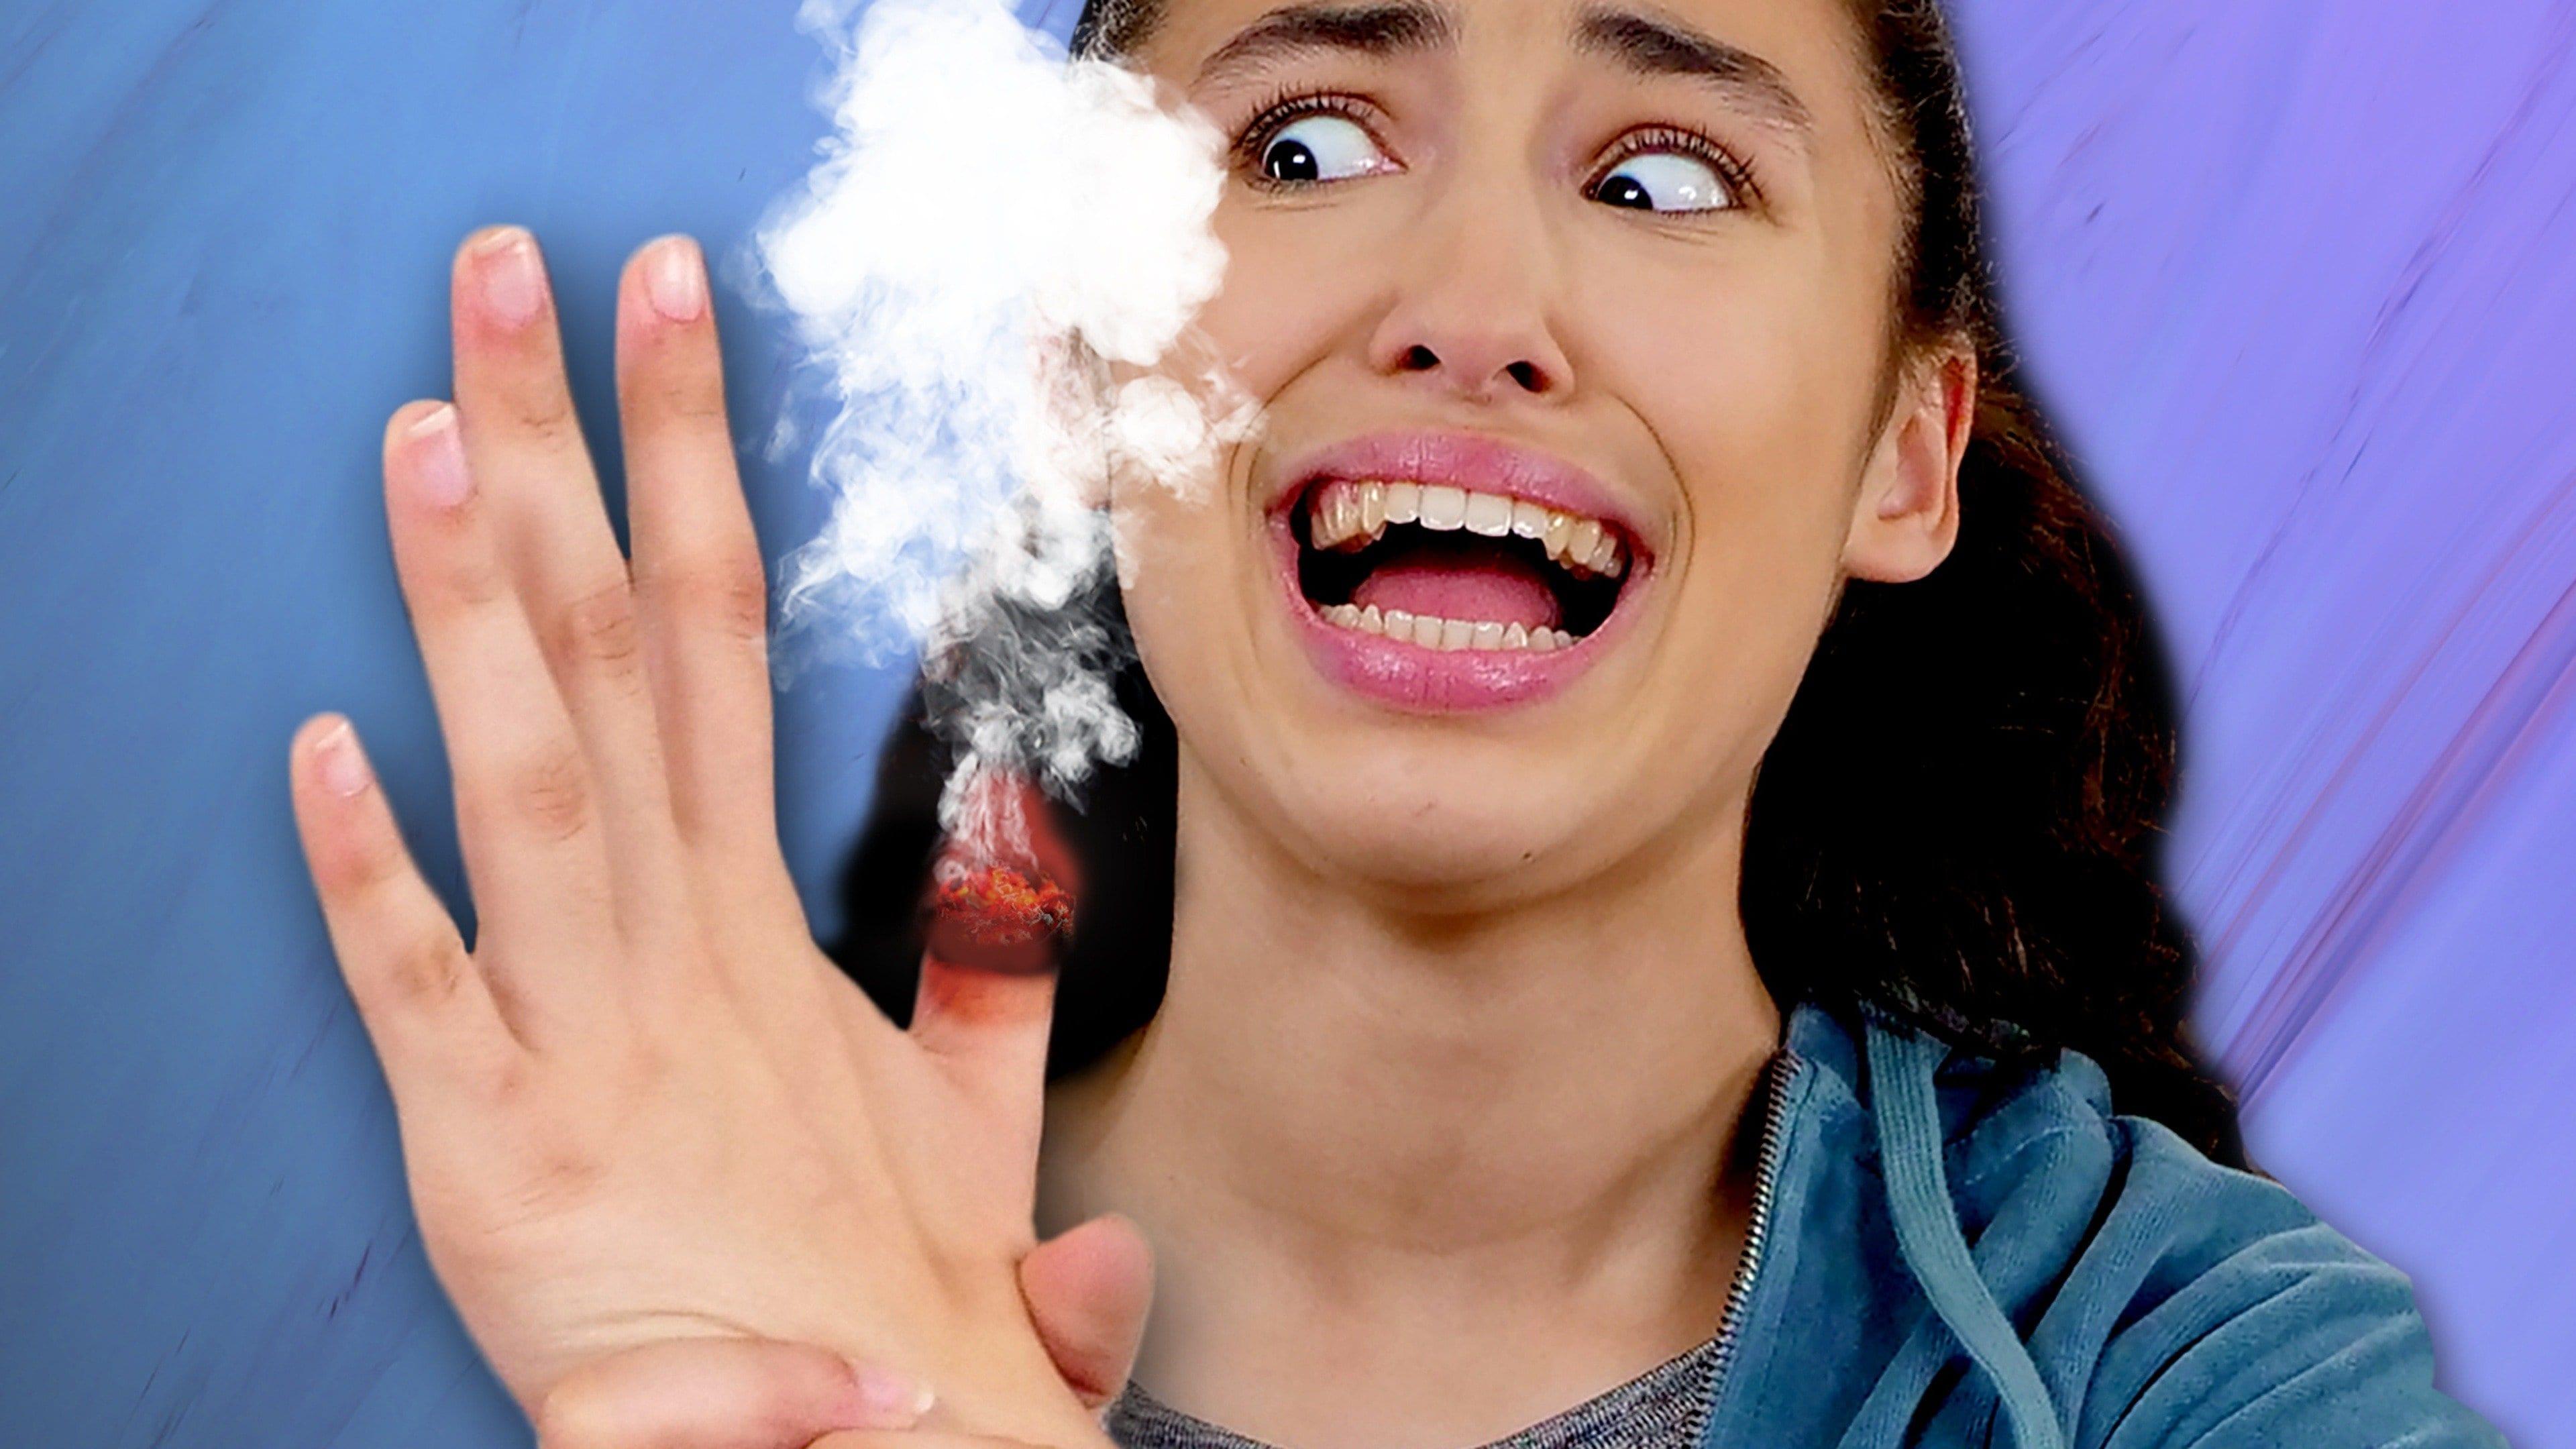 Exploding Thumb Trick